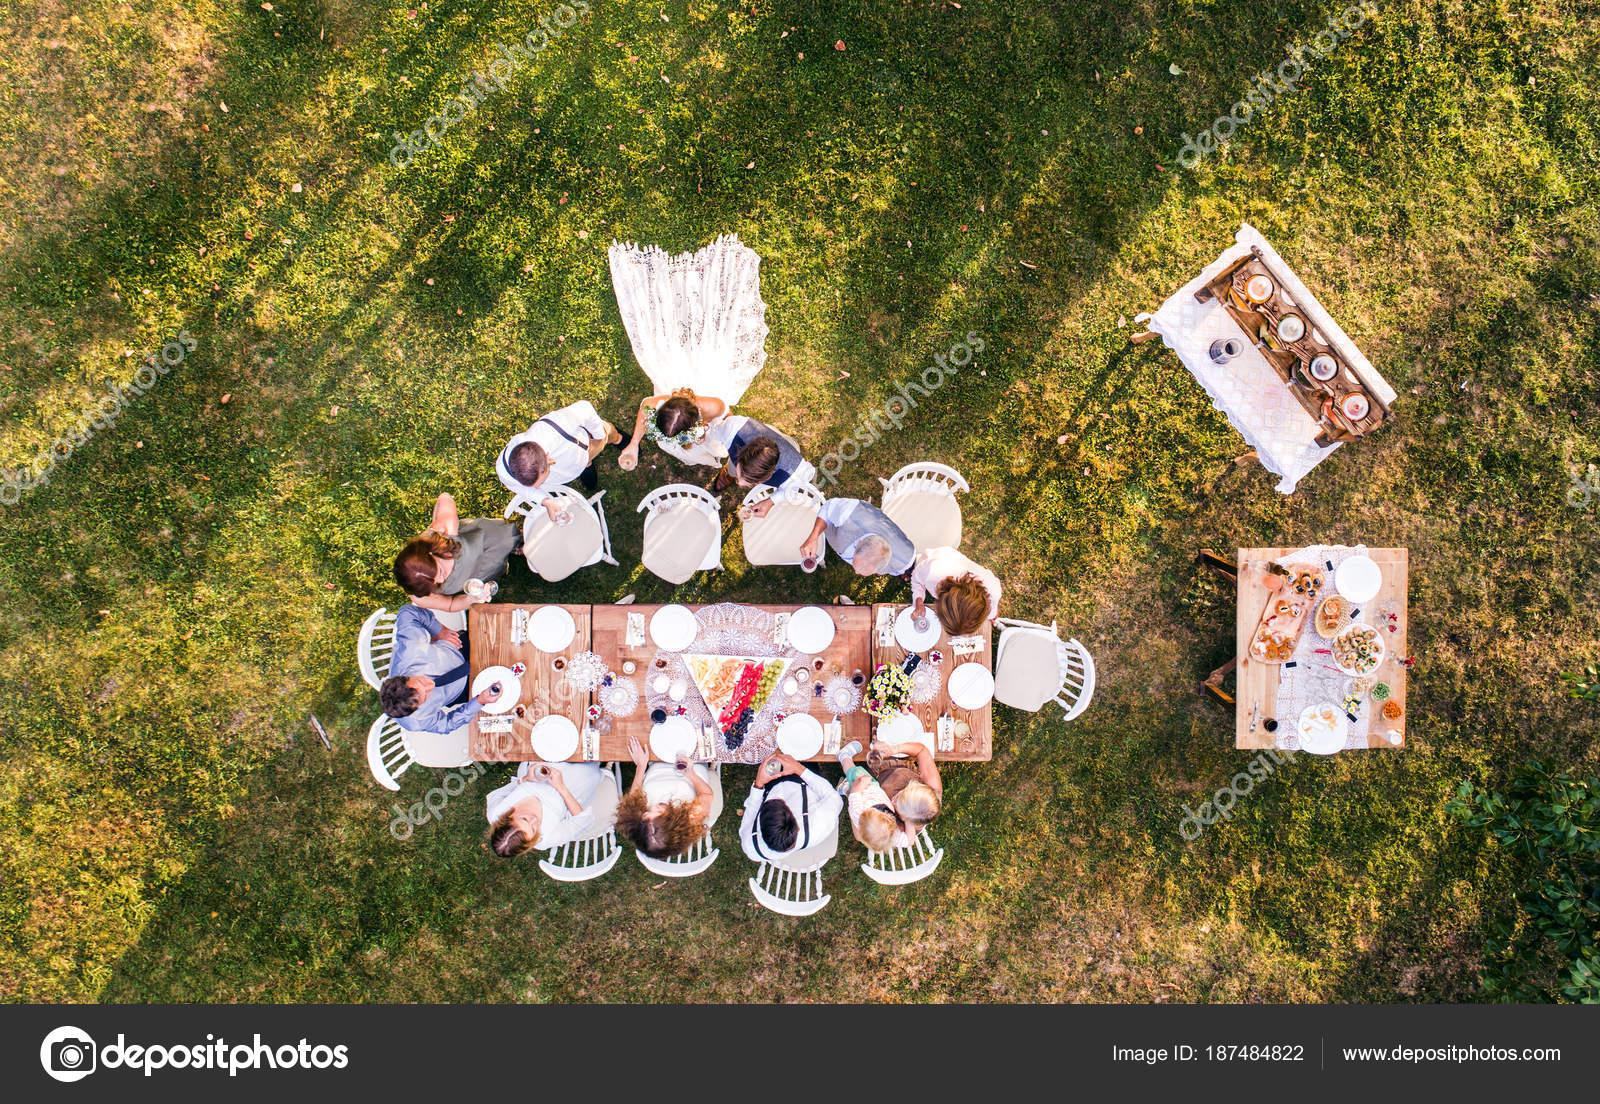 Hochzeitsfeier Draussen Im Hinterhof Stockfoto C Halfpoint 187484822